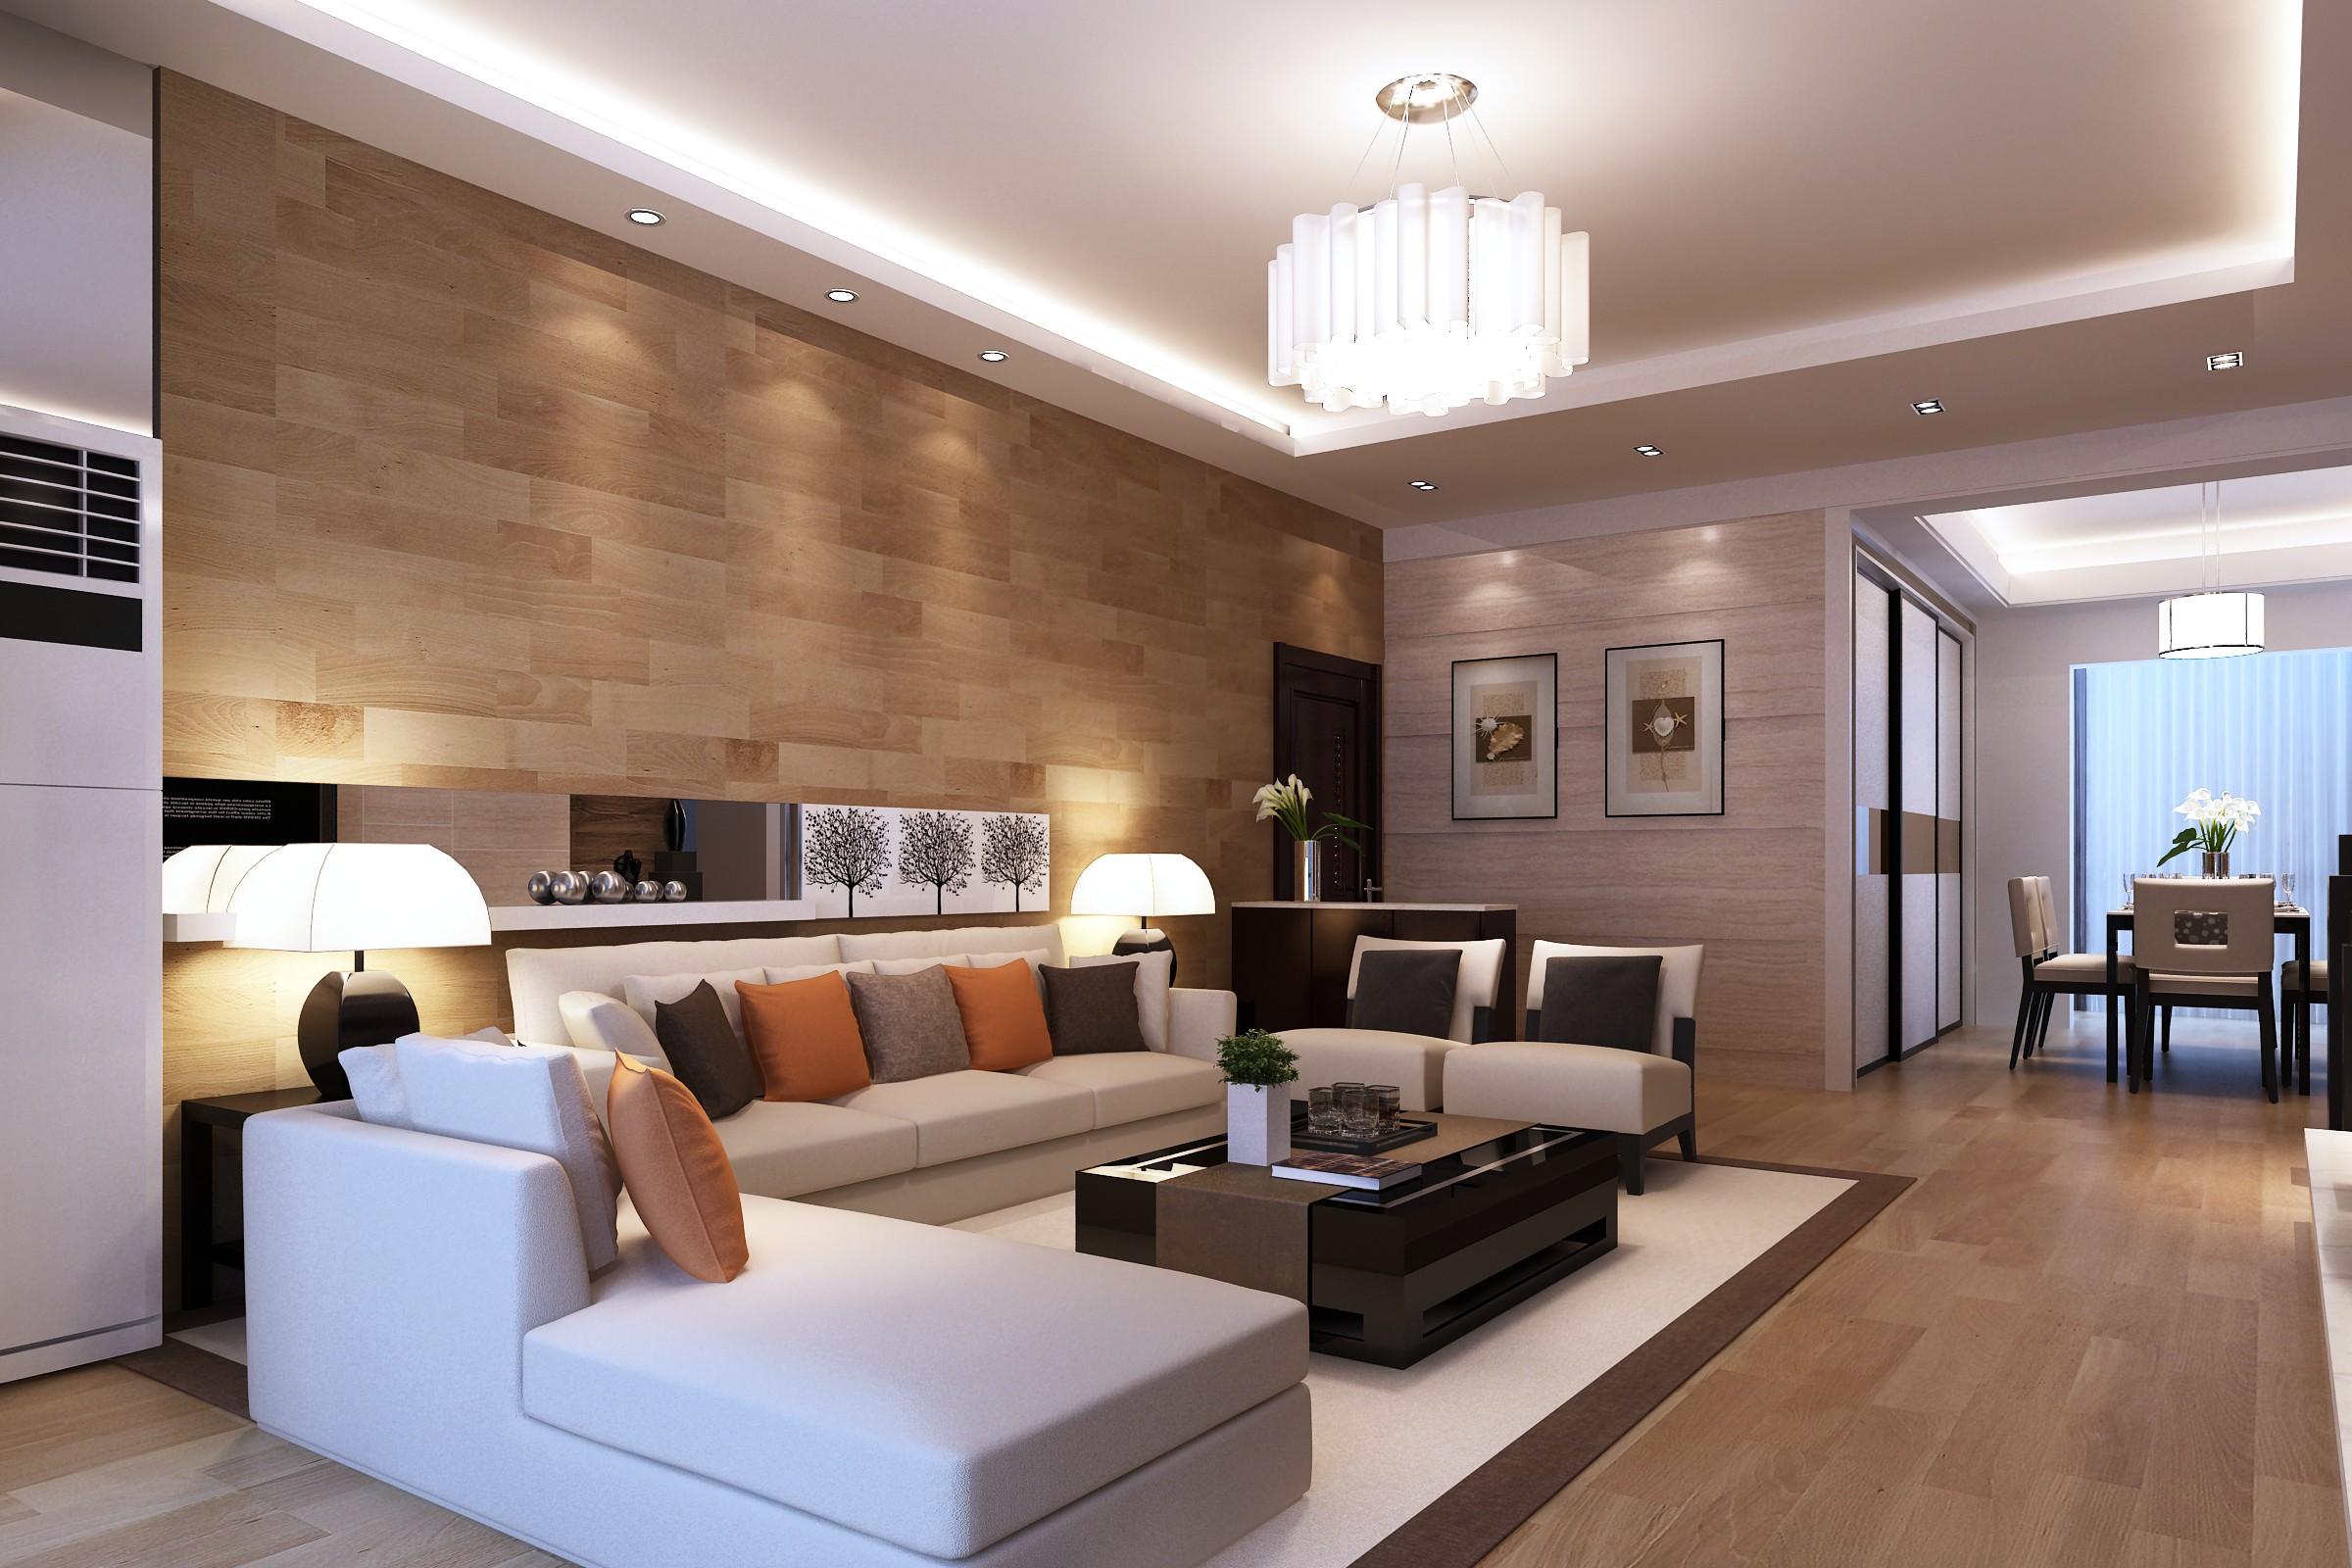 освещение в гостиной